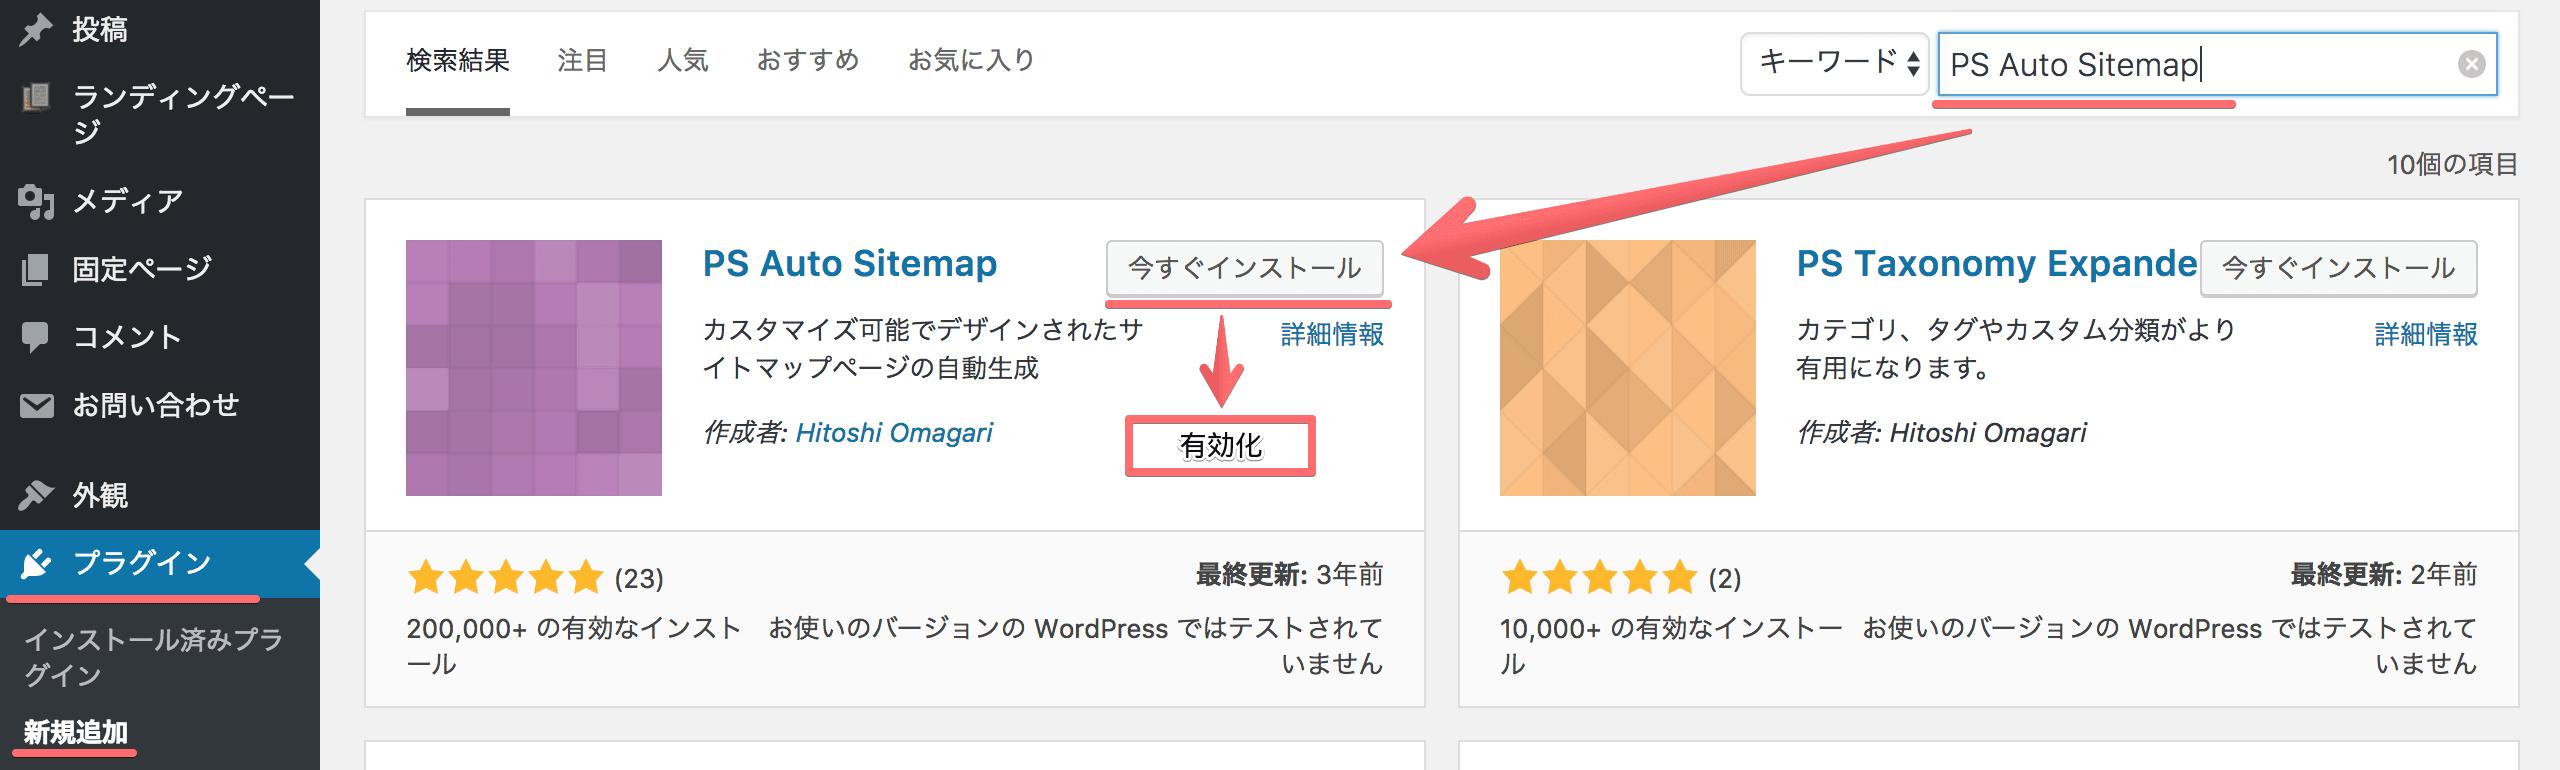 PS Auto Sitemapインストール方法